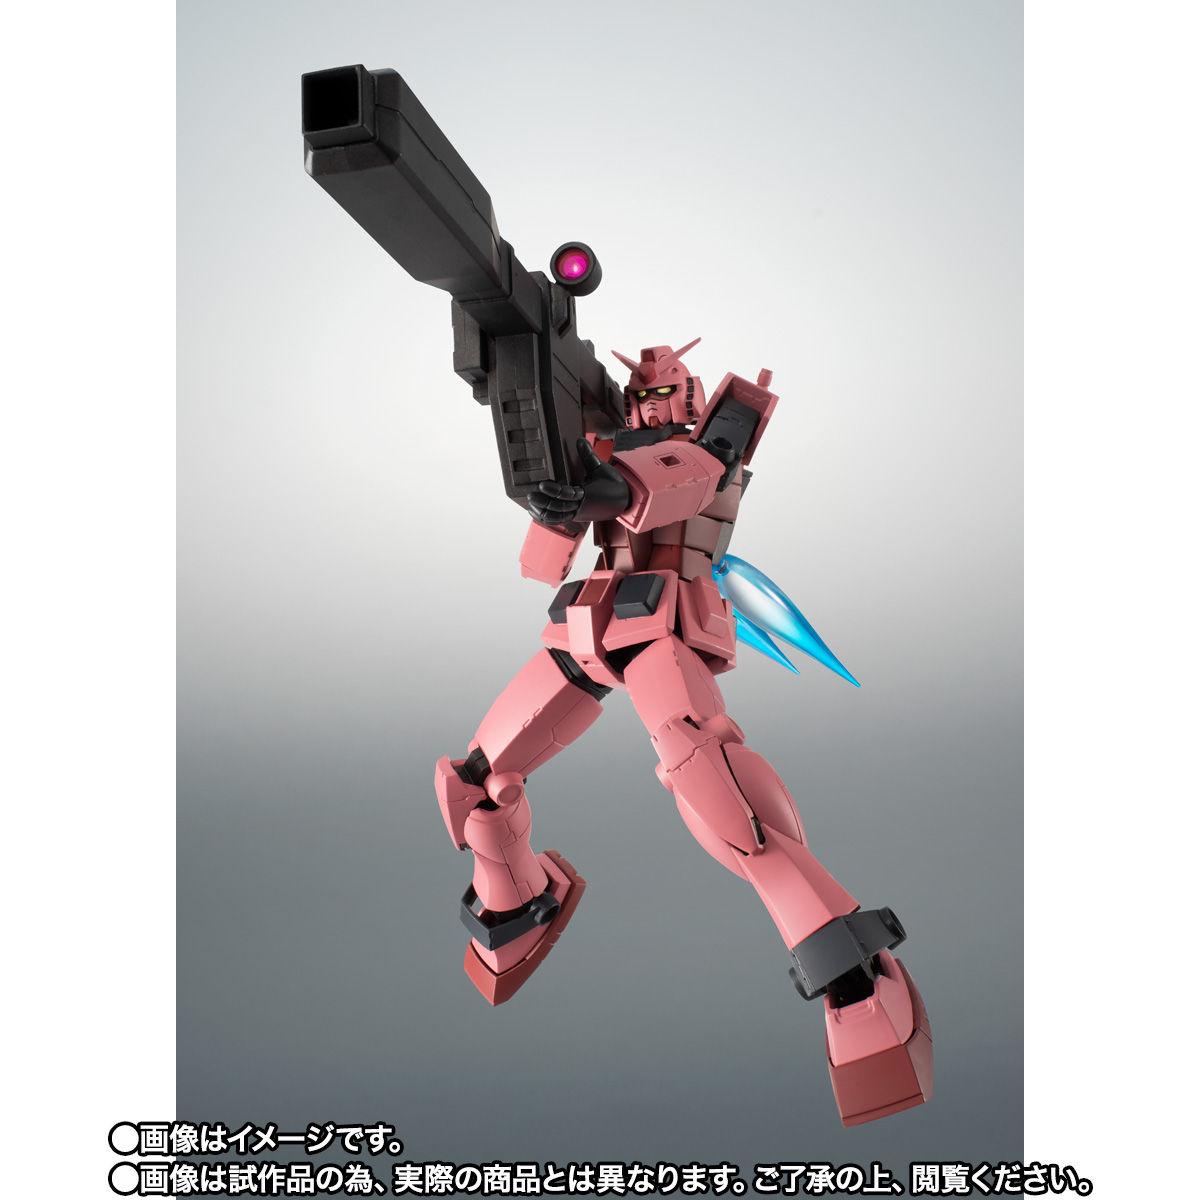 【限定販売】ROBOT魂〈SIDE MS〉『RX-78/C.A キャスバル専用ガンダム ver. A.N.I.M.E.』ギレンの野望 可動フィギュア-008